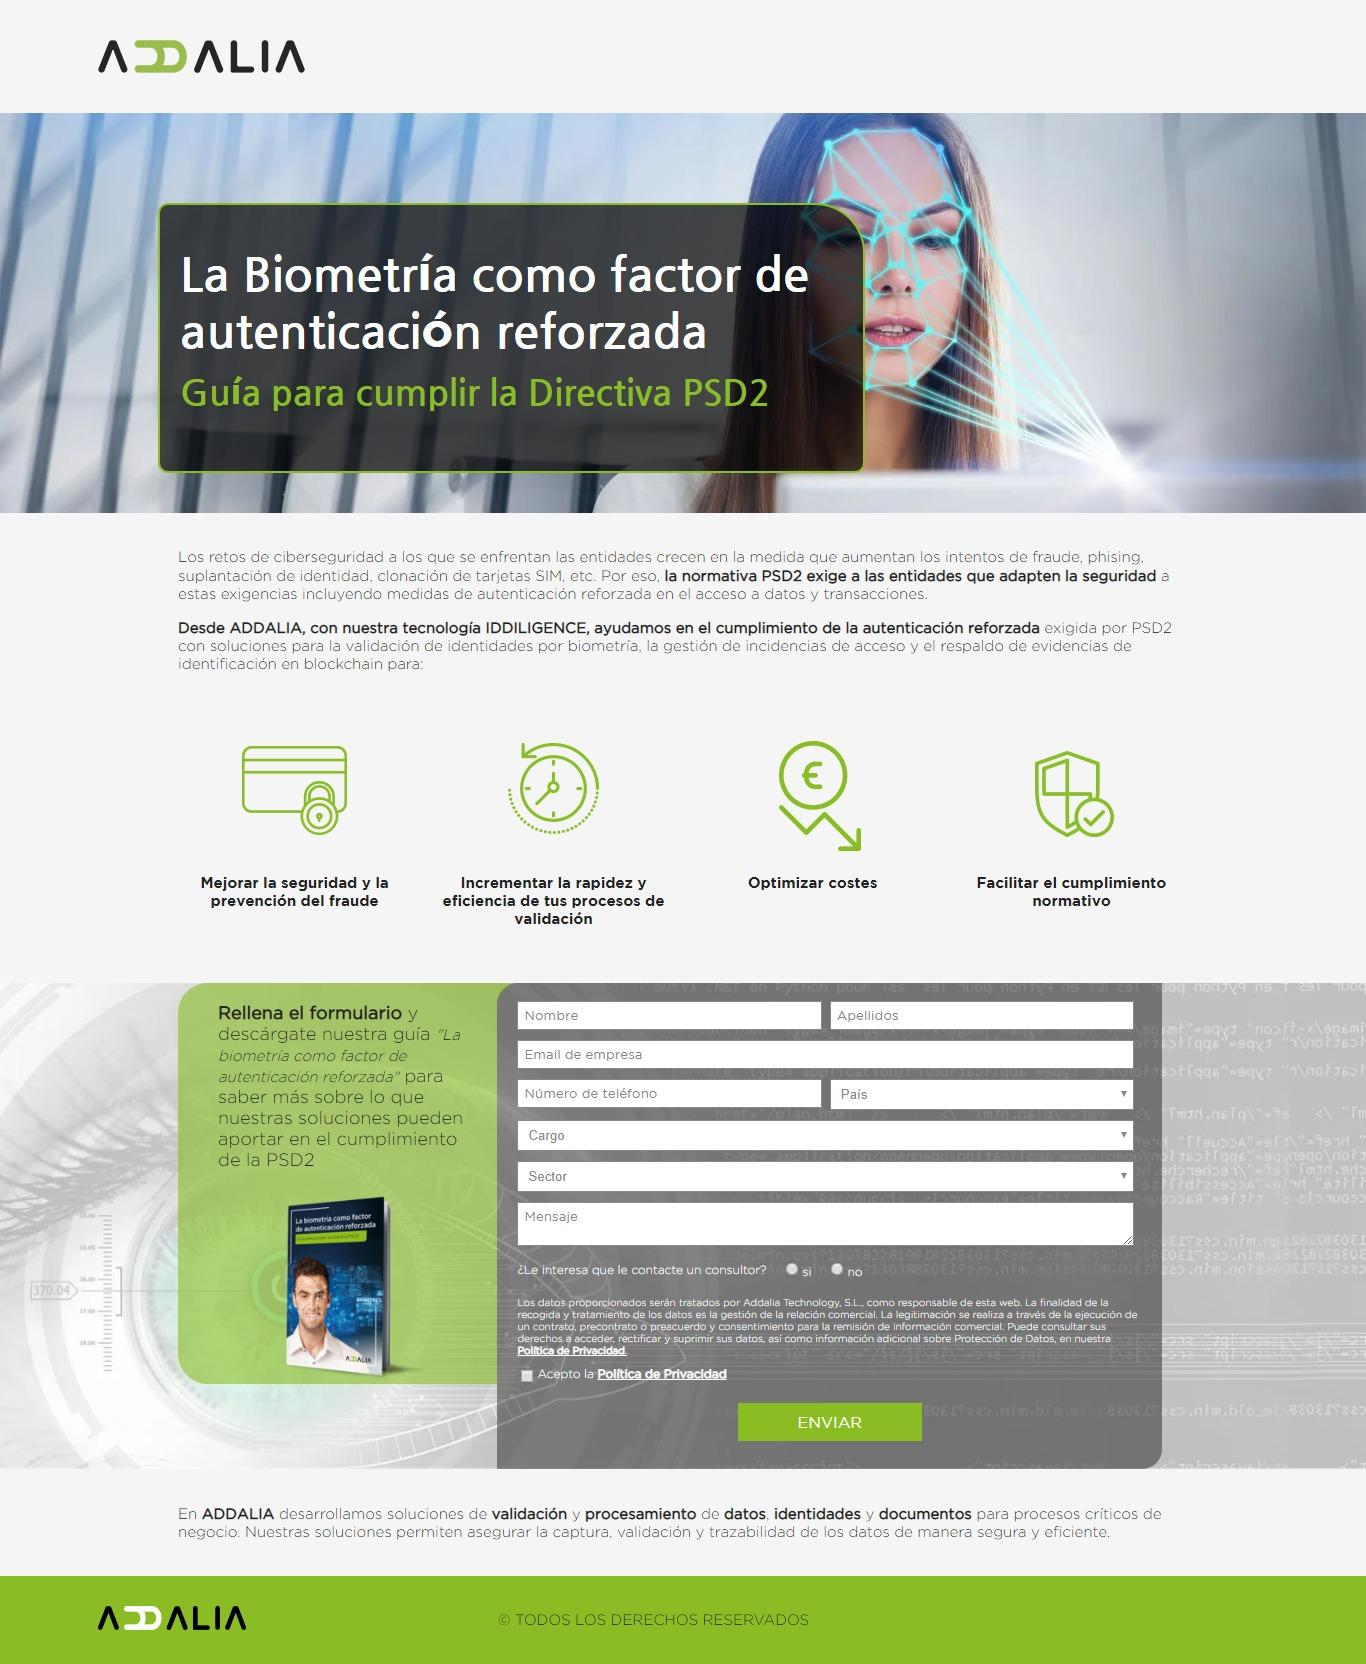 Addalia-Inbound-Marketing-04